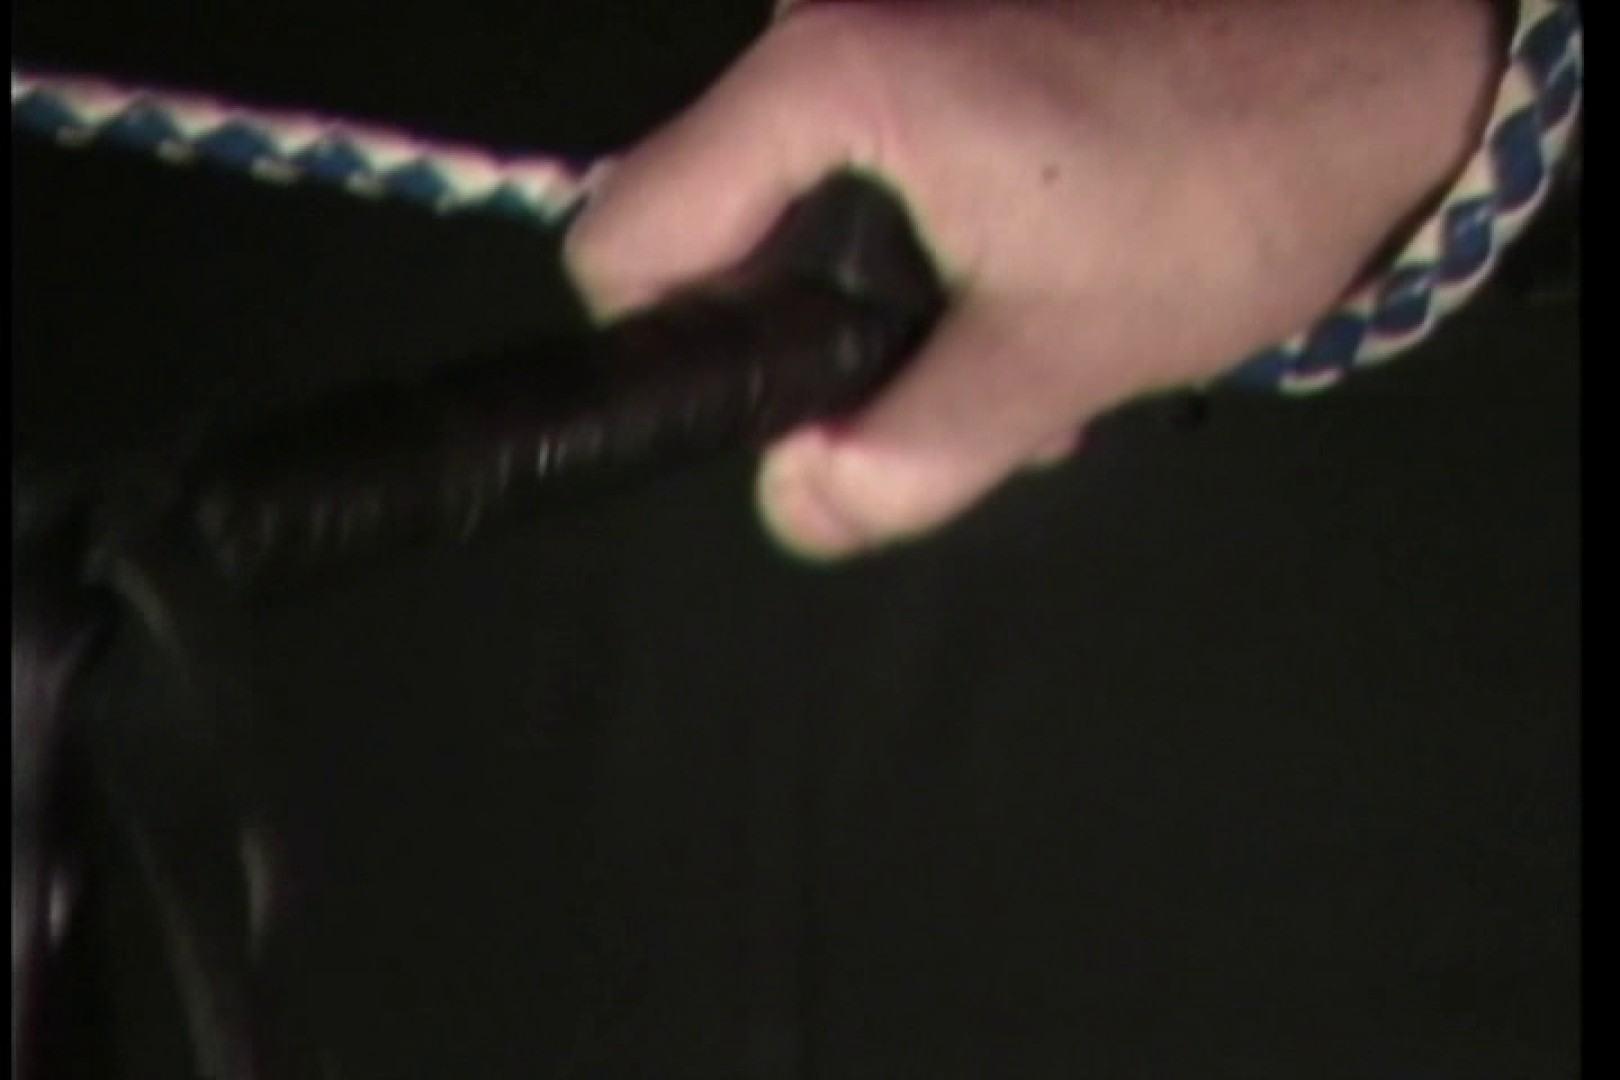 変態亜美のアブノーマルな世界・後編~夢野亜美~ フェラ | バイブ  98pic 73